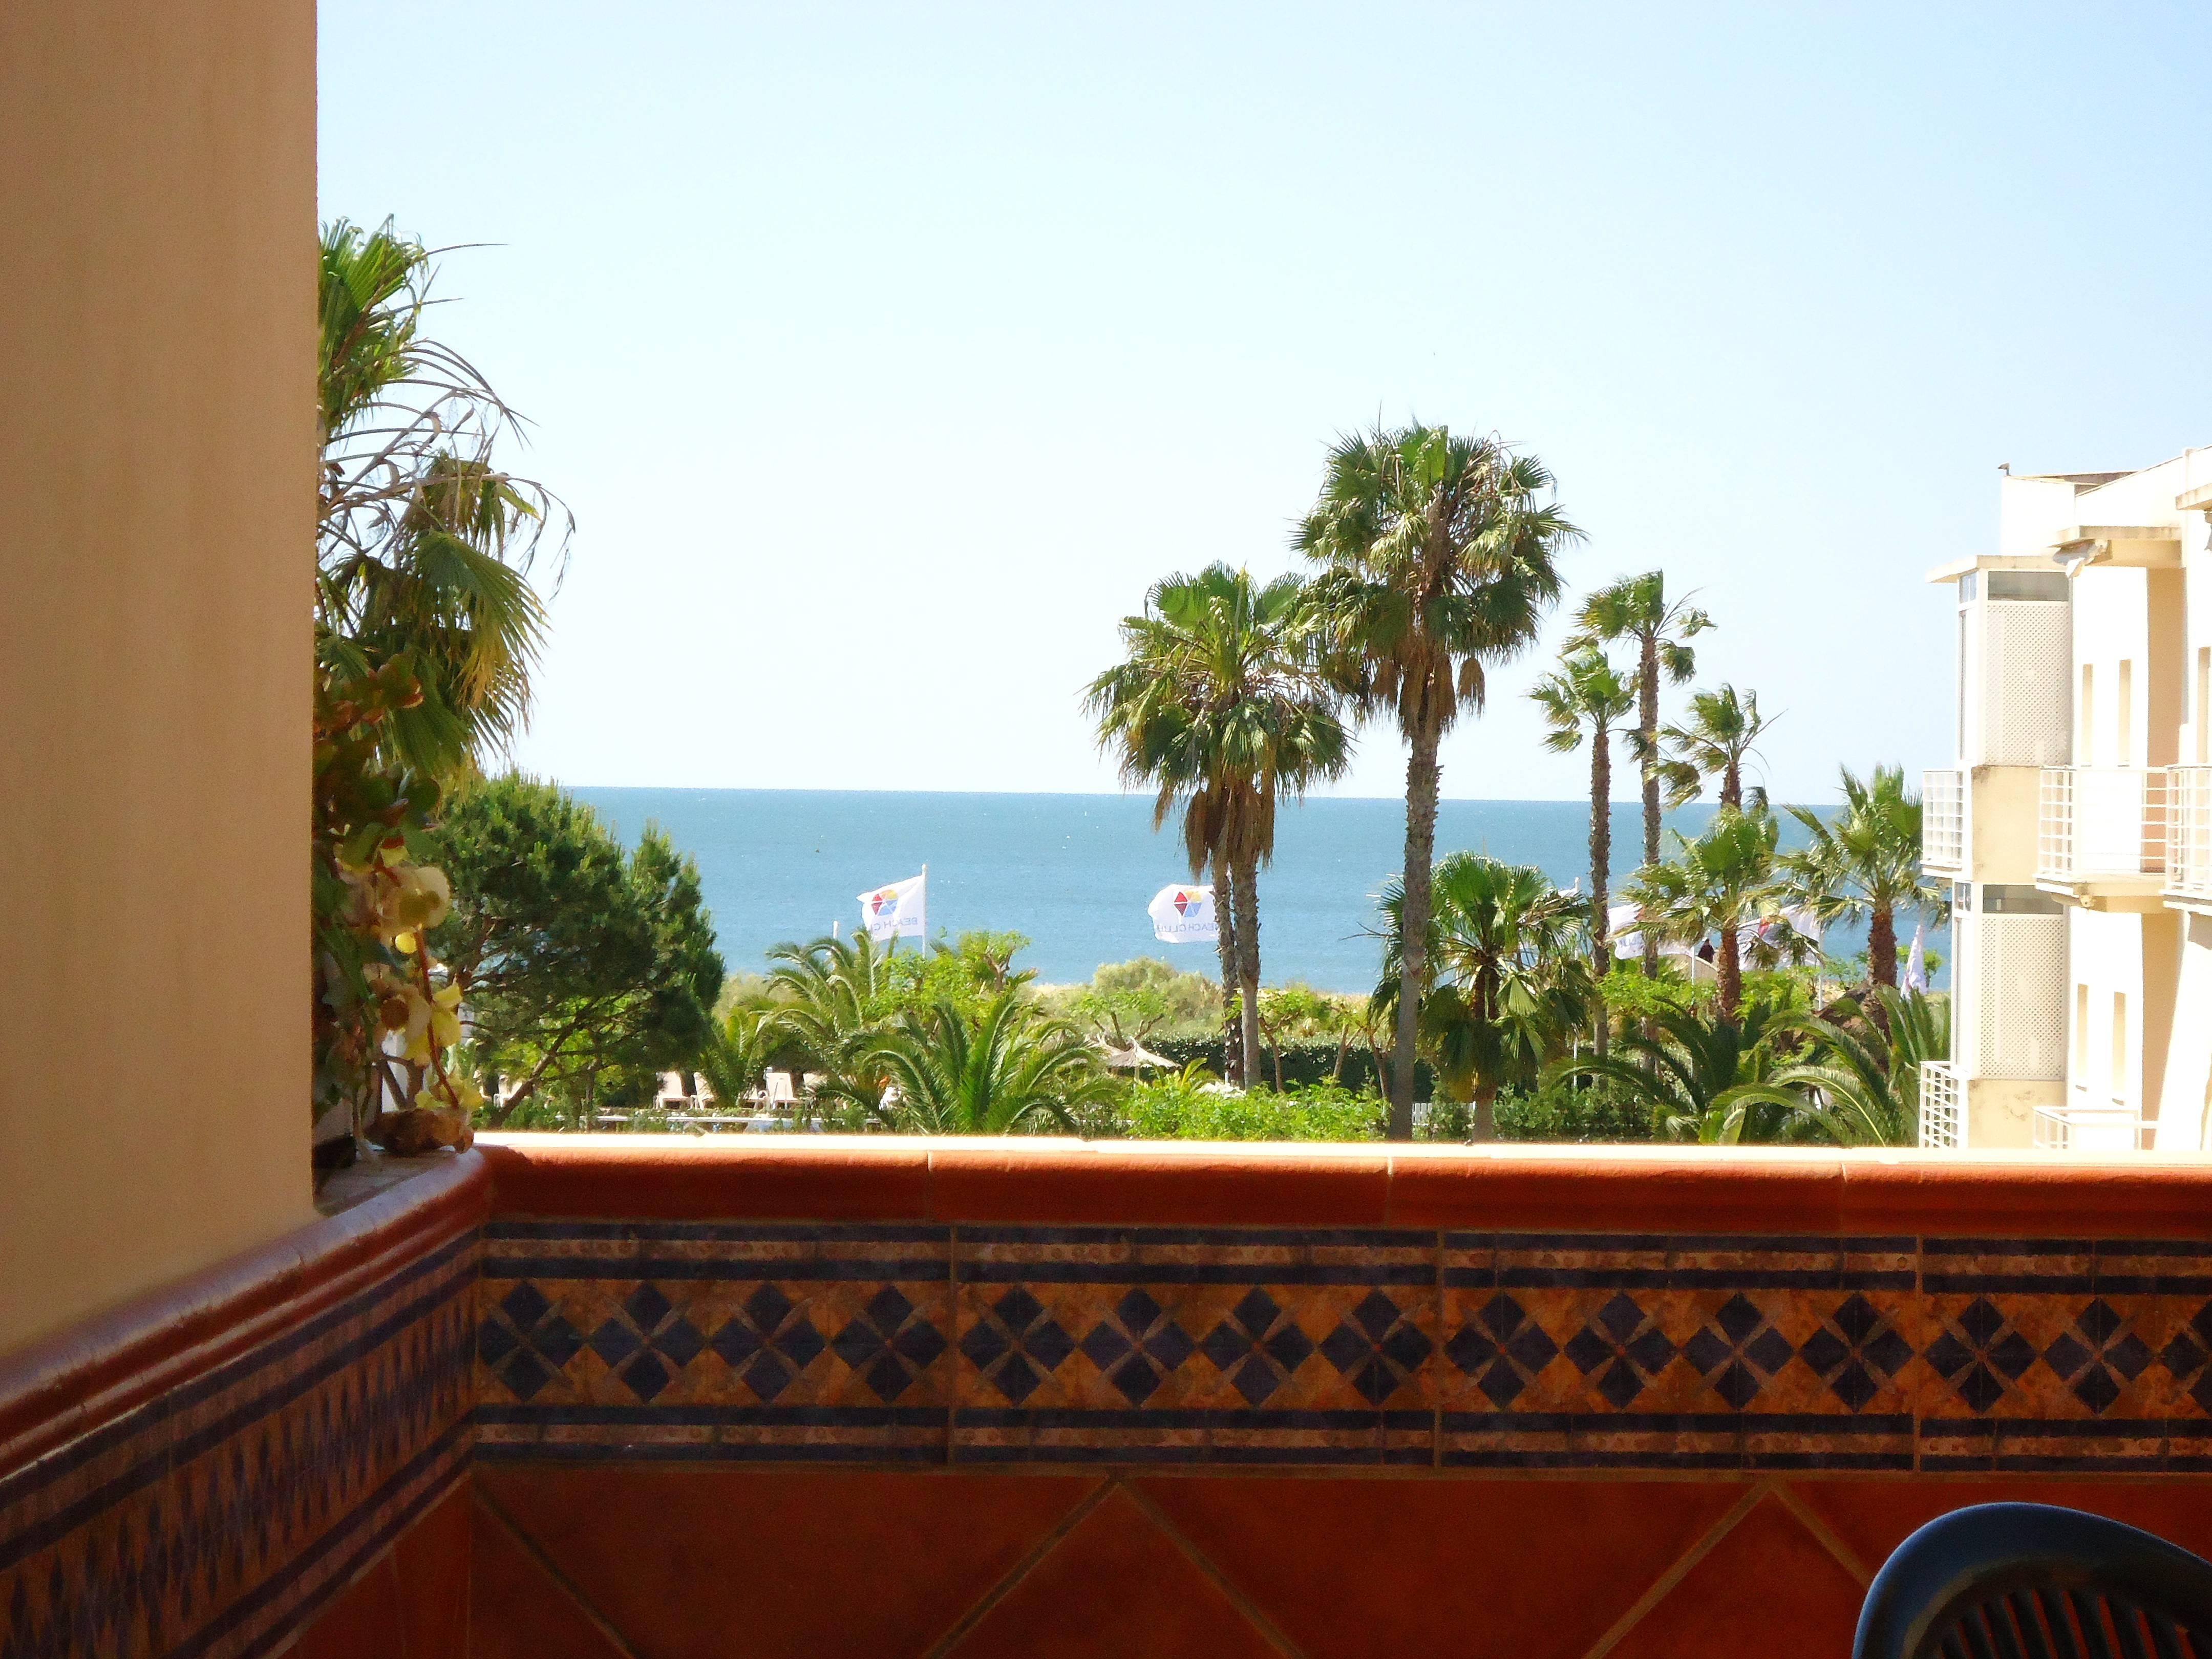 Appartement pour 4 personnes 50 m de la plage - Rentalia islantilla ...